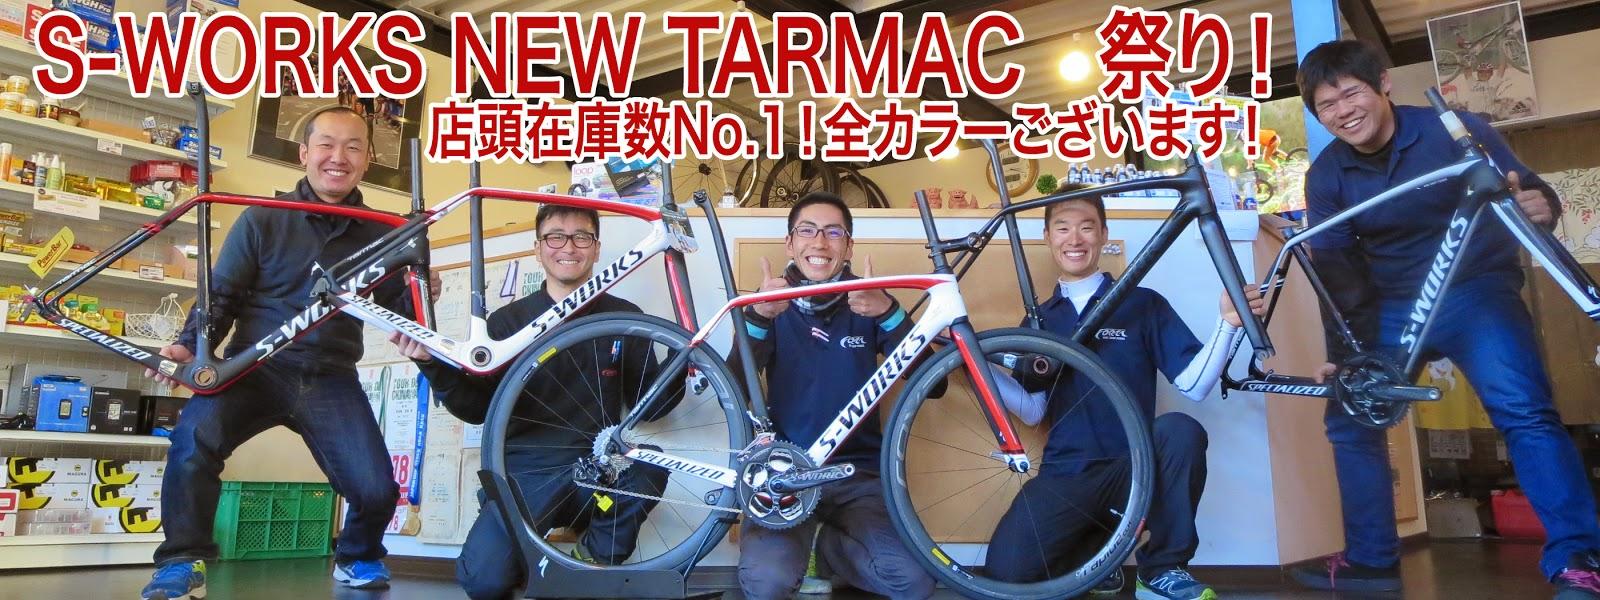 http://www.forza.jp/2014/11/s-works-new-tarmac.html